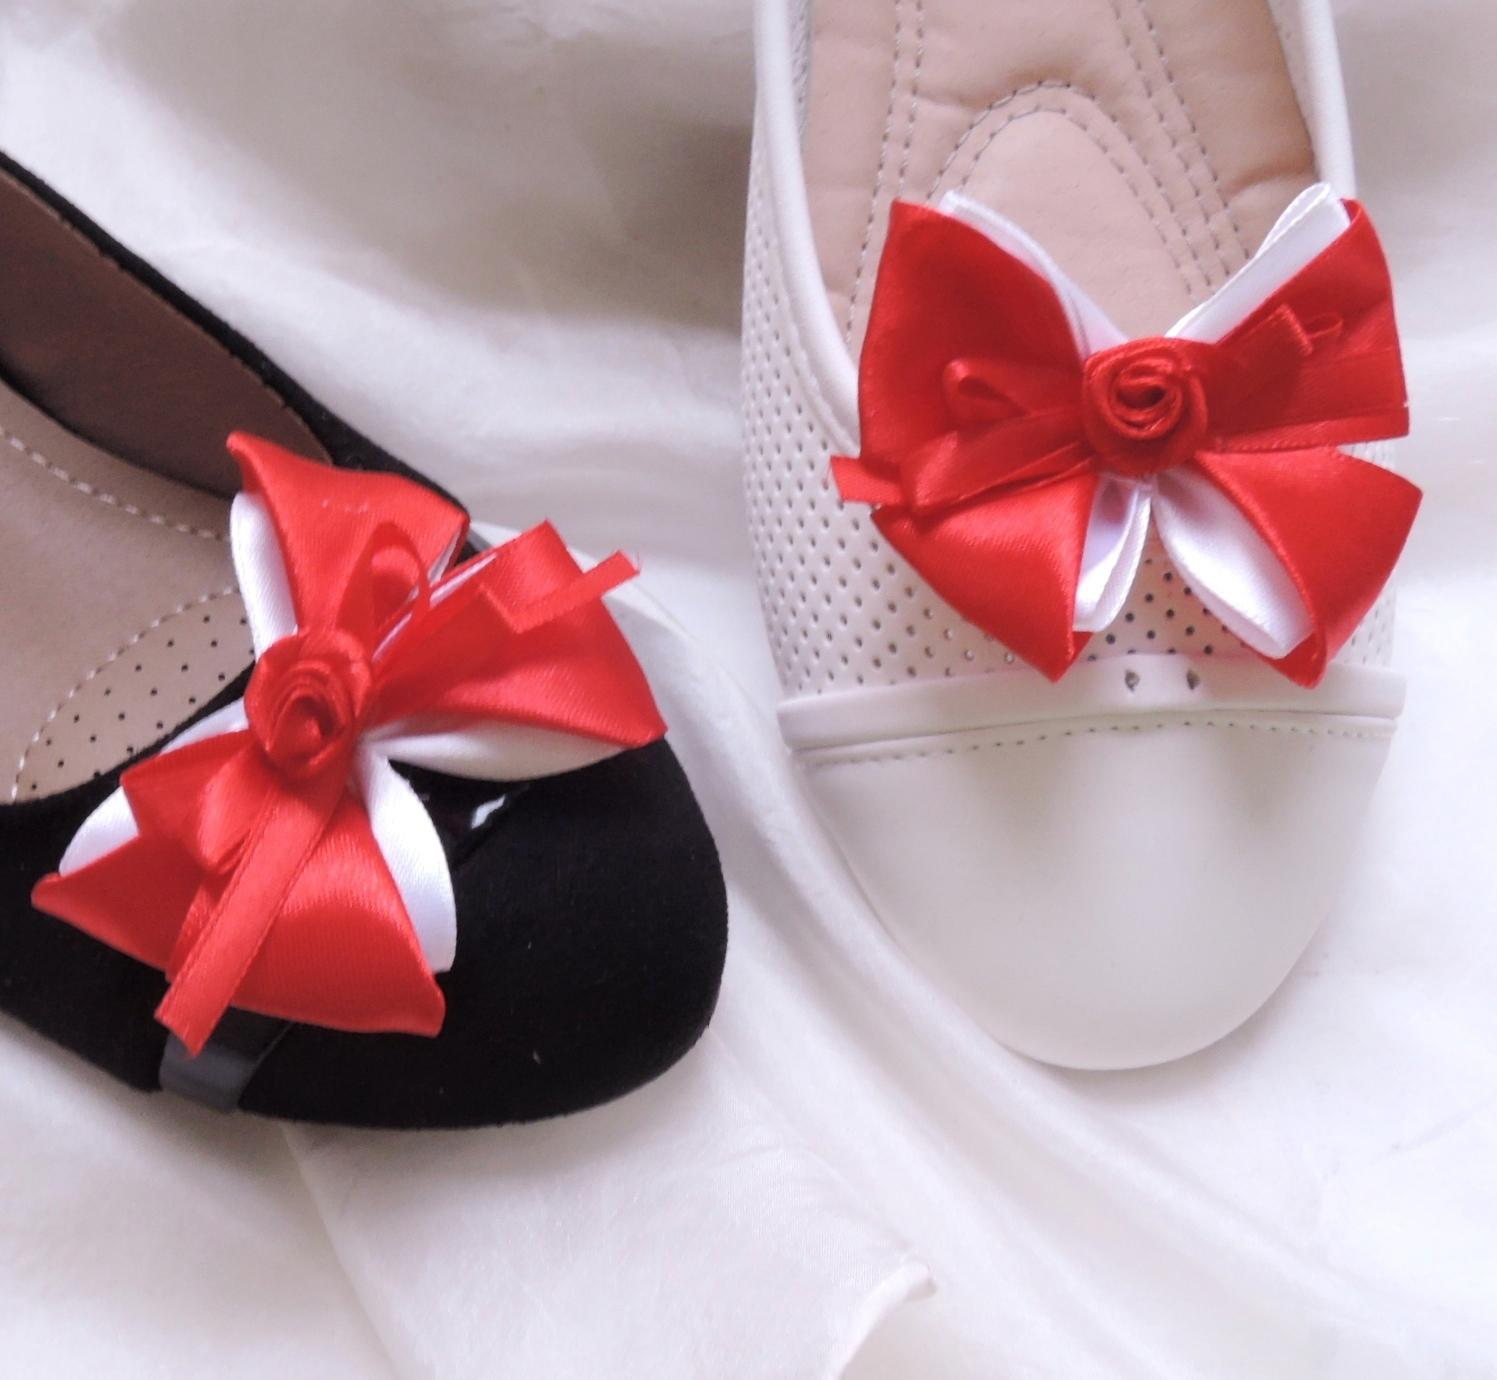 klipy na boty 1 - Obrázek č. 3